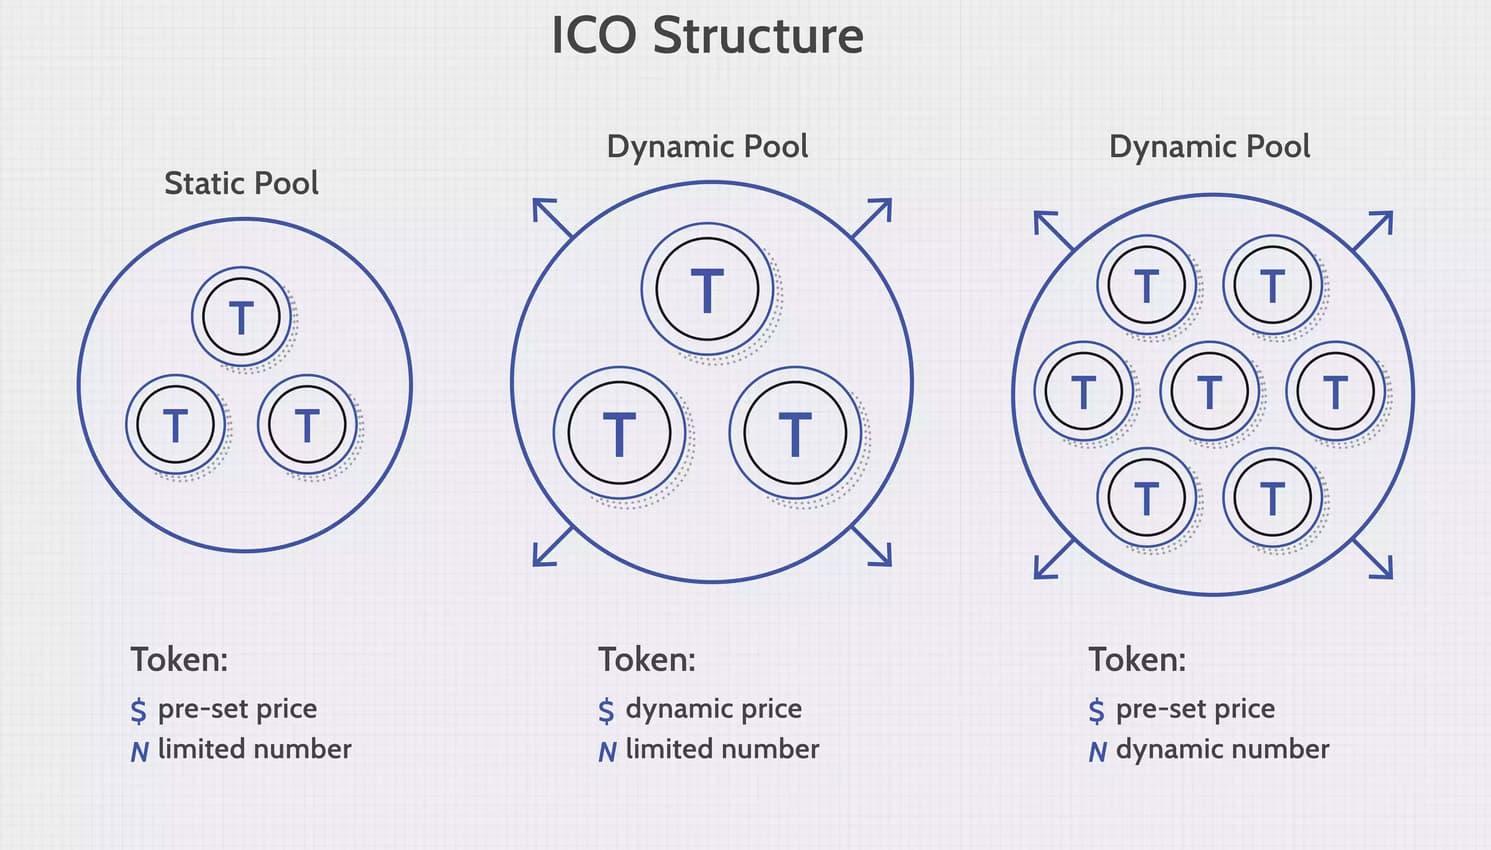 ساختار ico ها